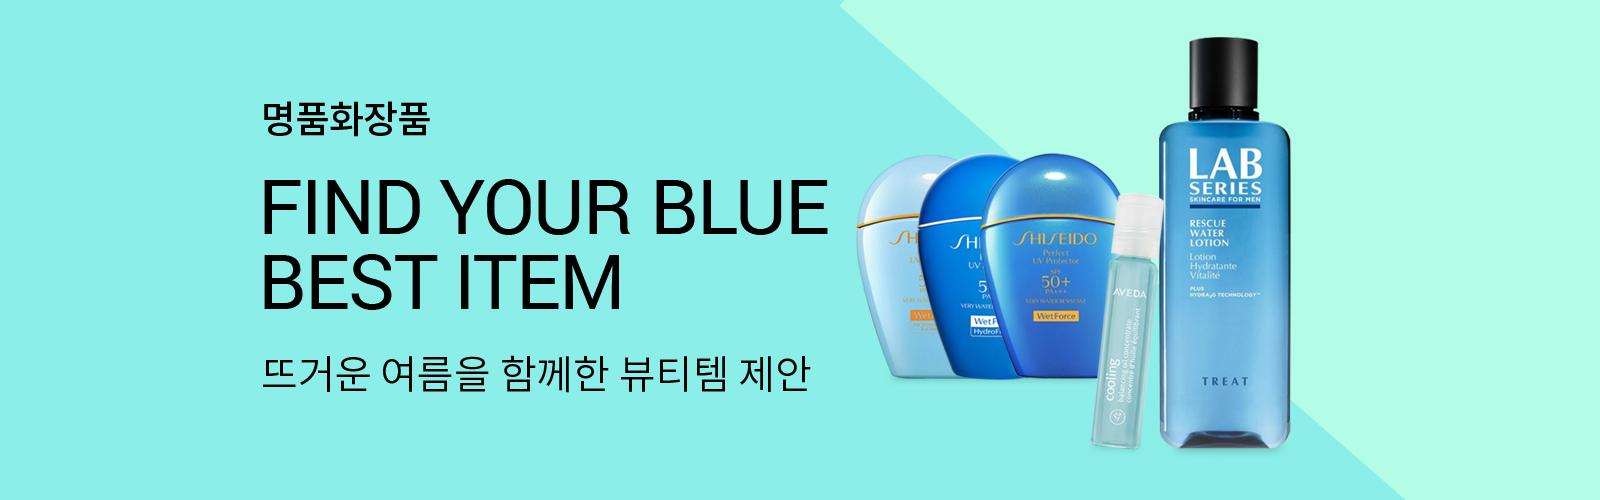 명품화장품     FIND YOUR BLUE  BEST ITEM     뜨거운 여름을 함께한 뷰티템 제안